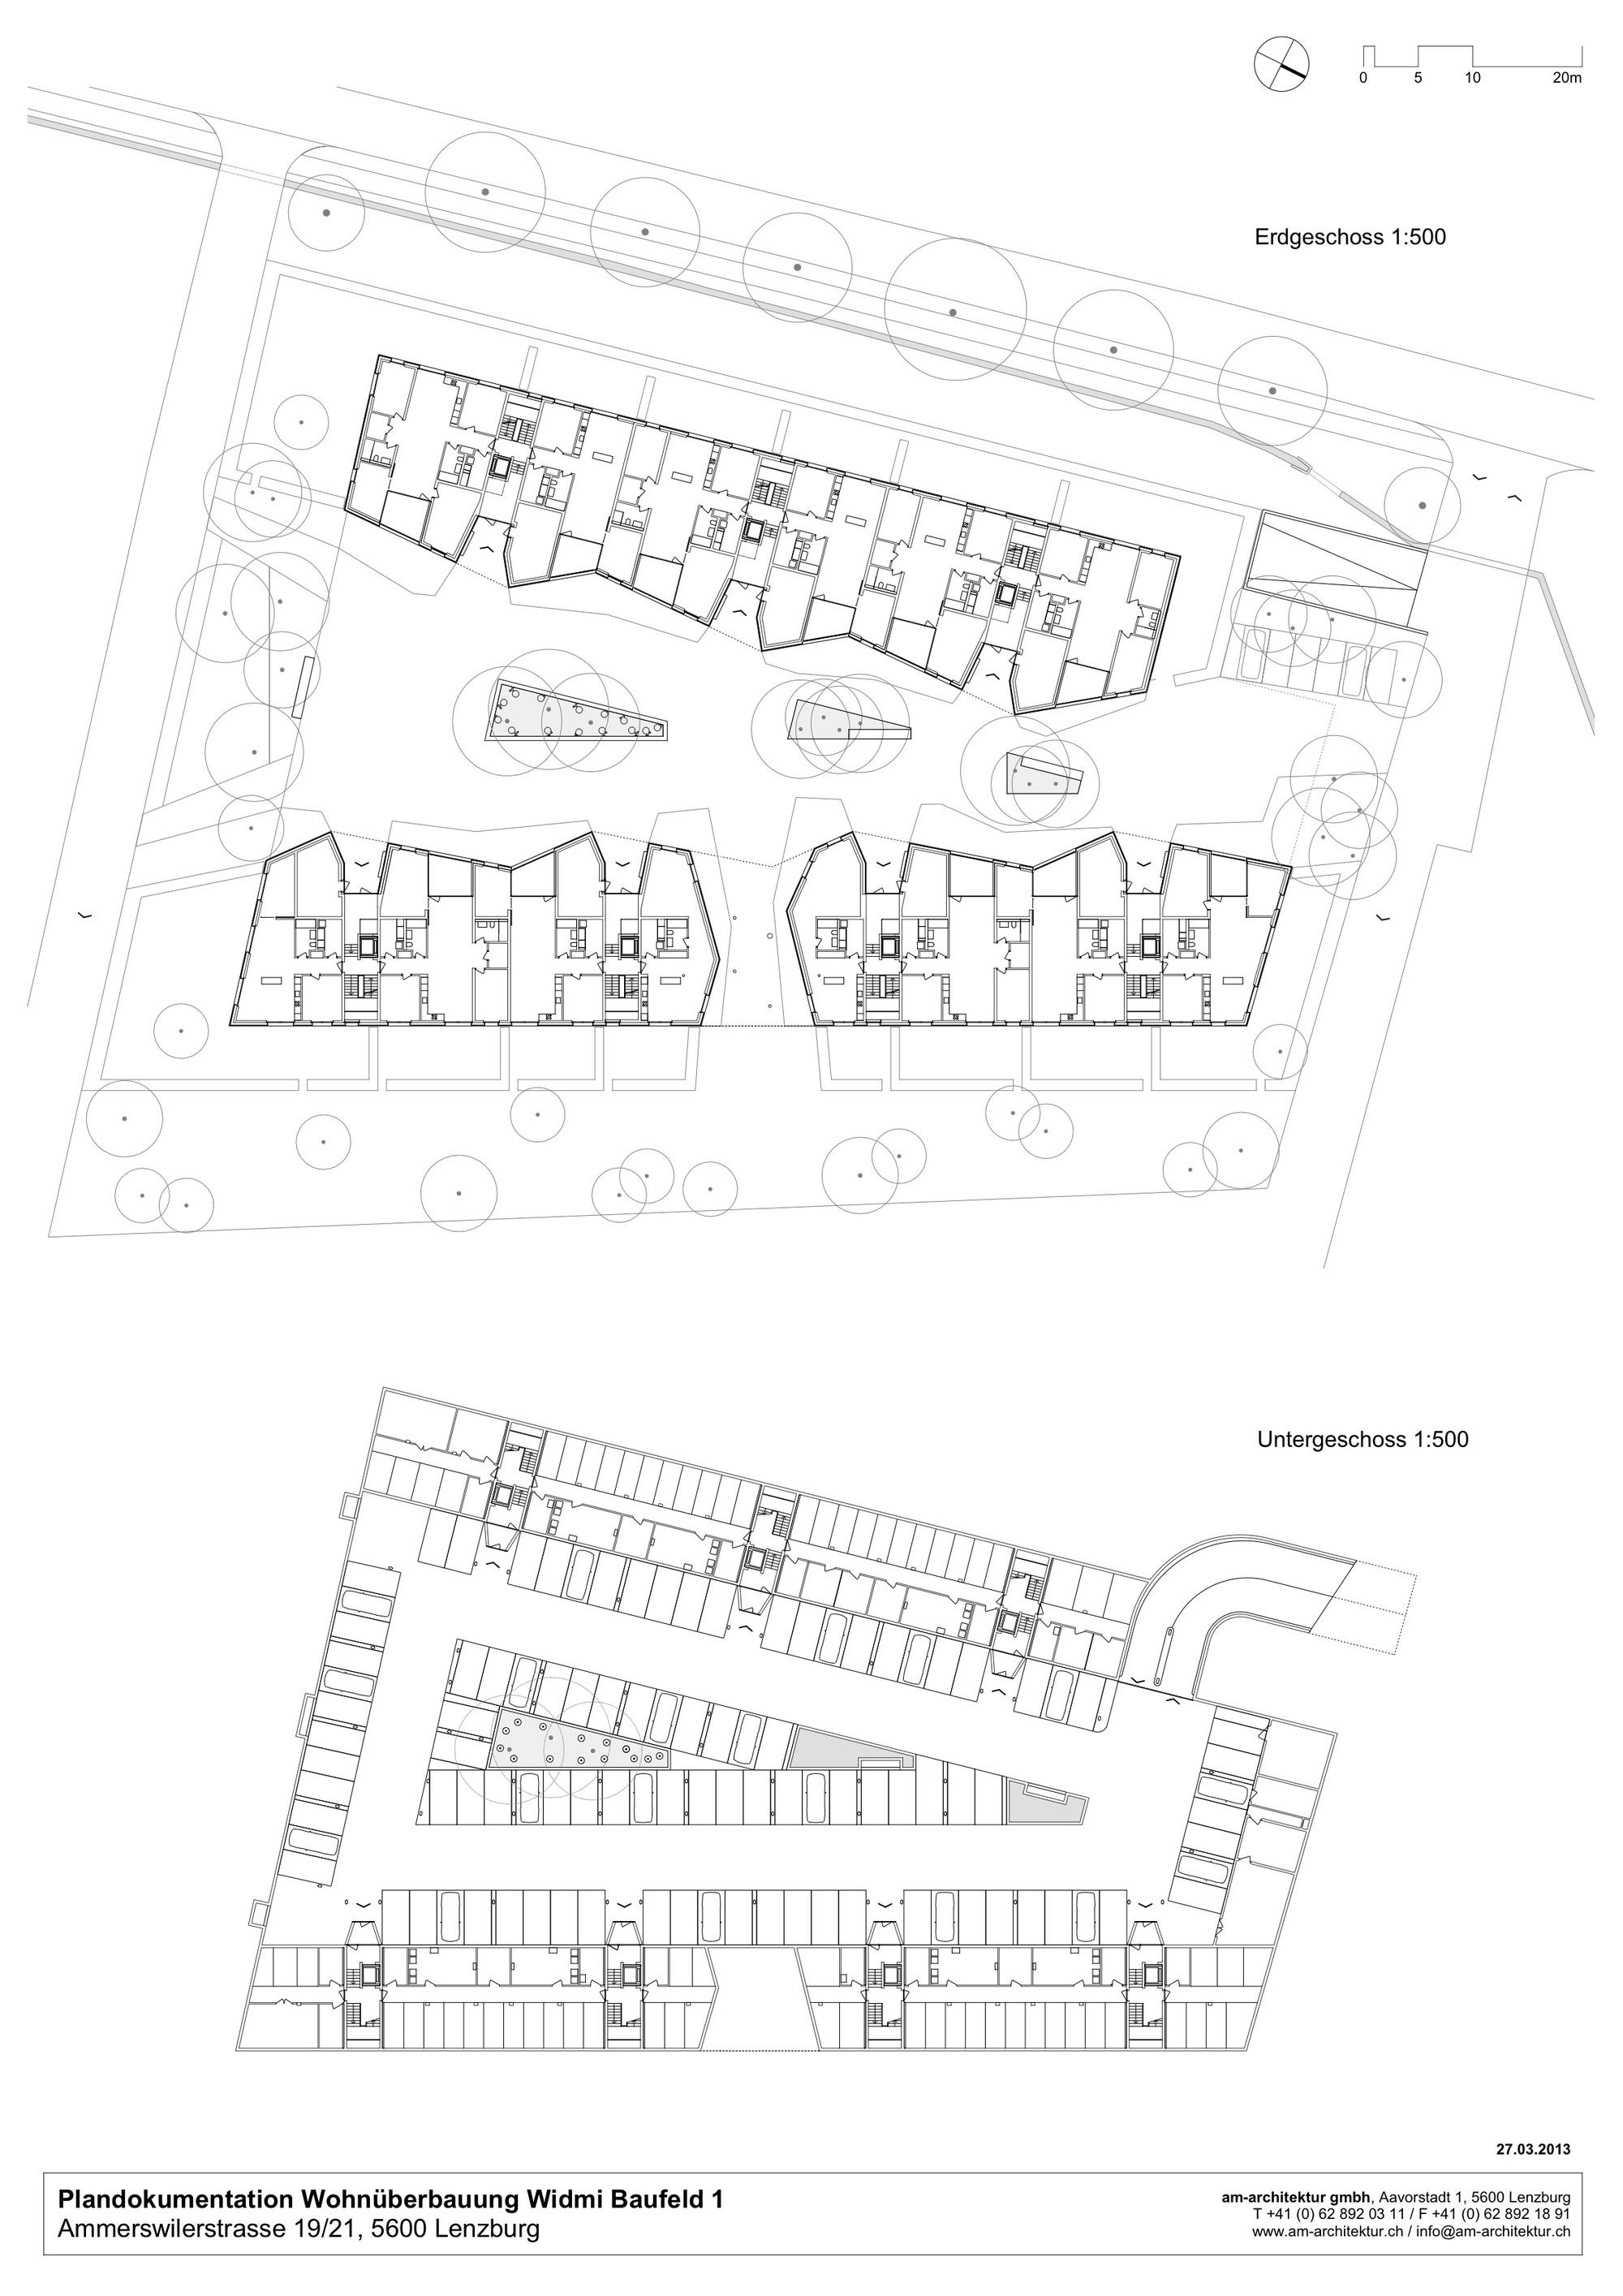 Gallery of widmi building am architektur 11 - Architektur plan ...